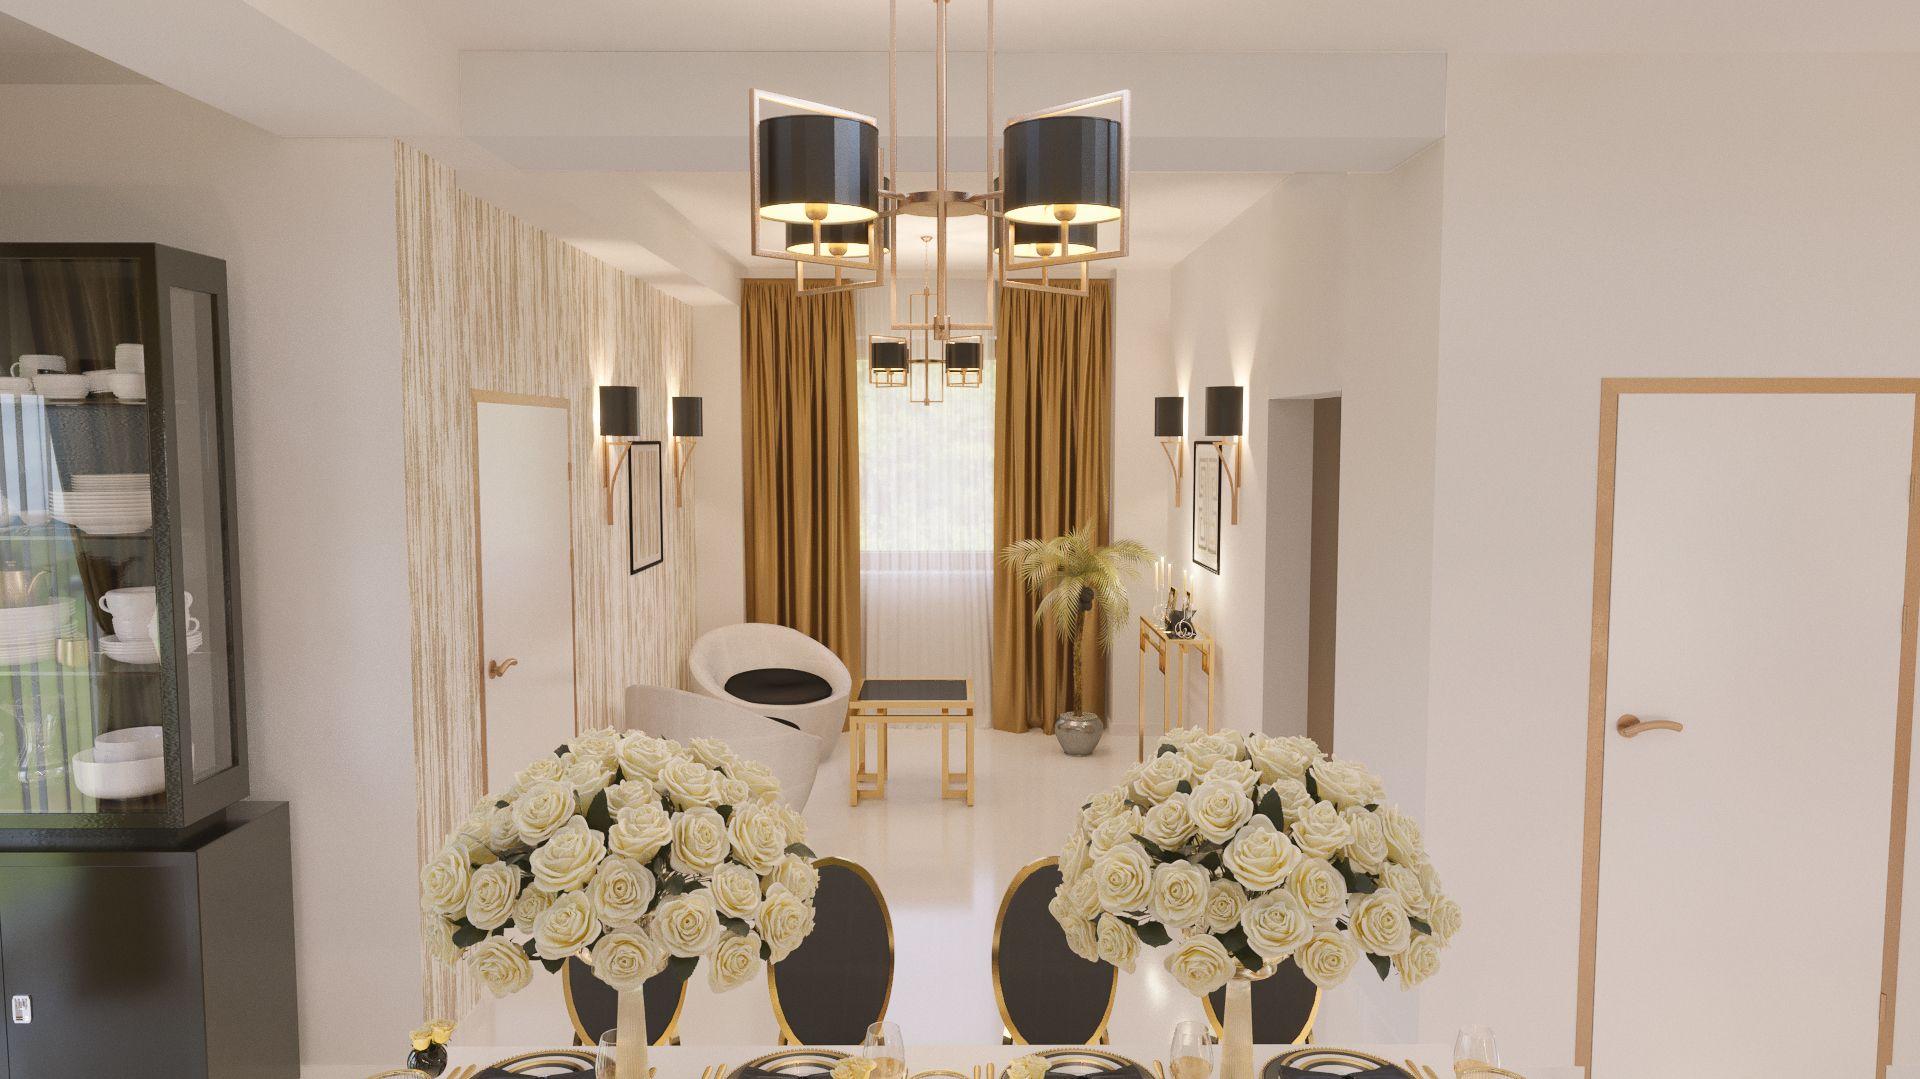 Sufragerie cu canapele albe, elemente decorative, perete cu figuri geometrice din metal auriu